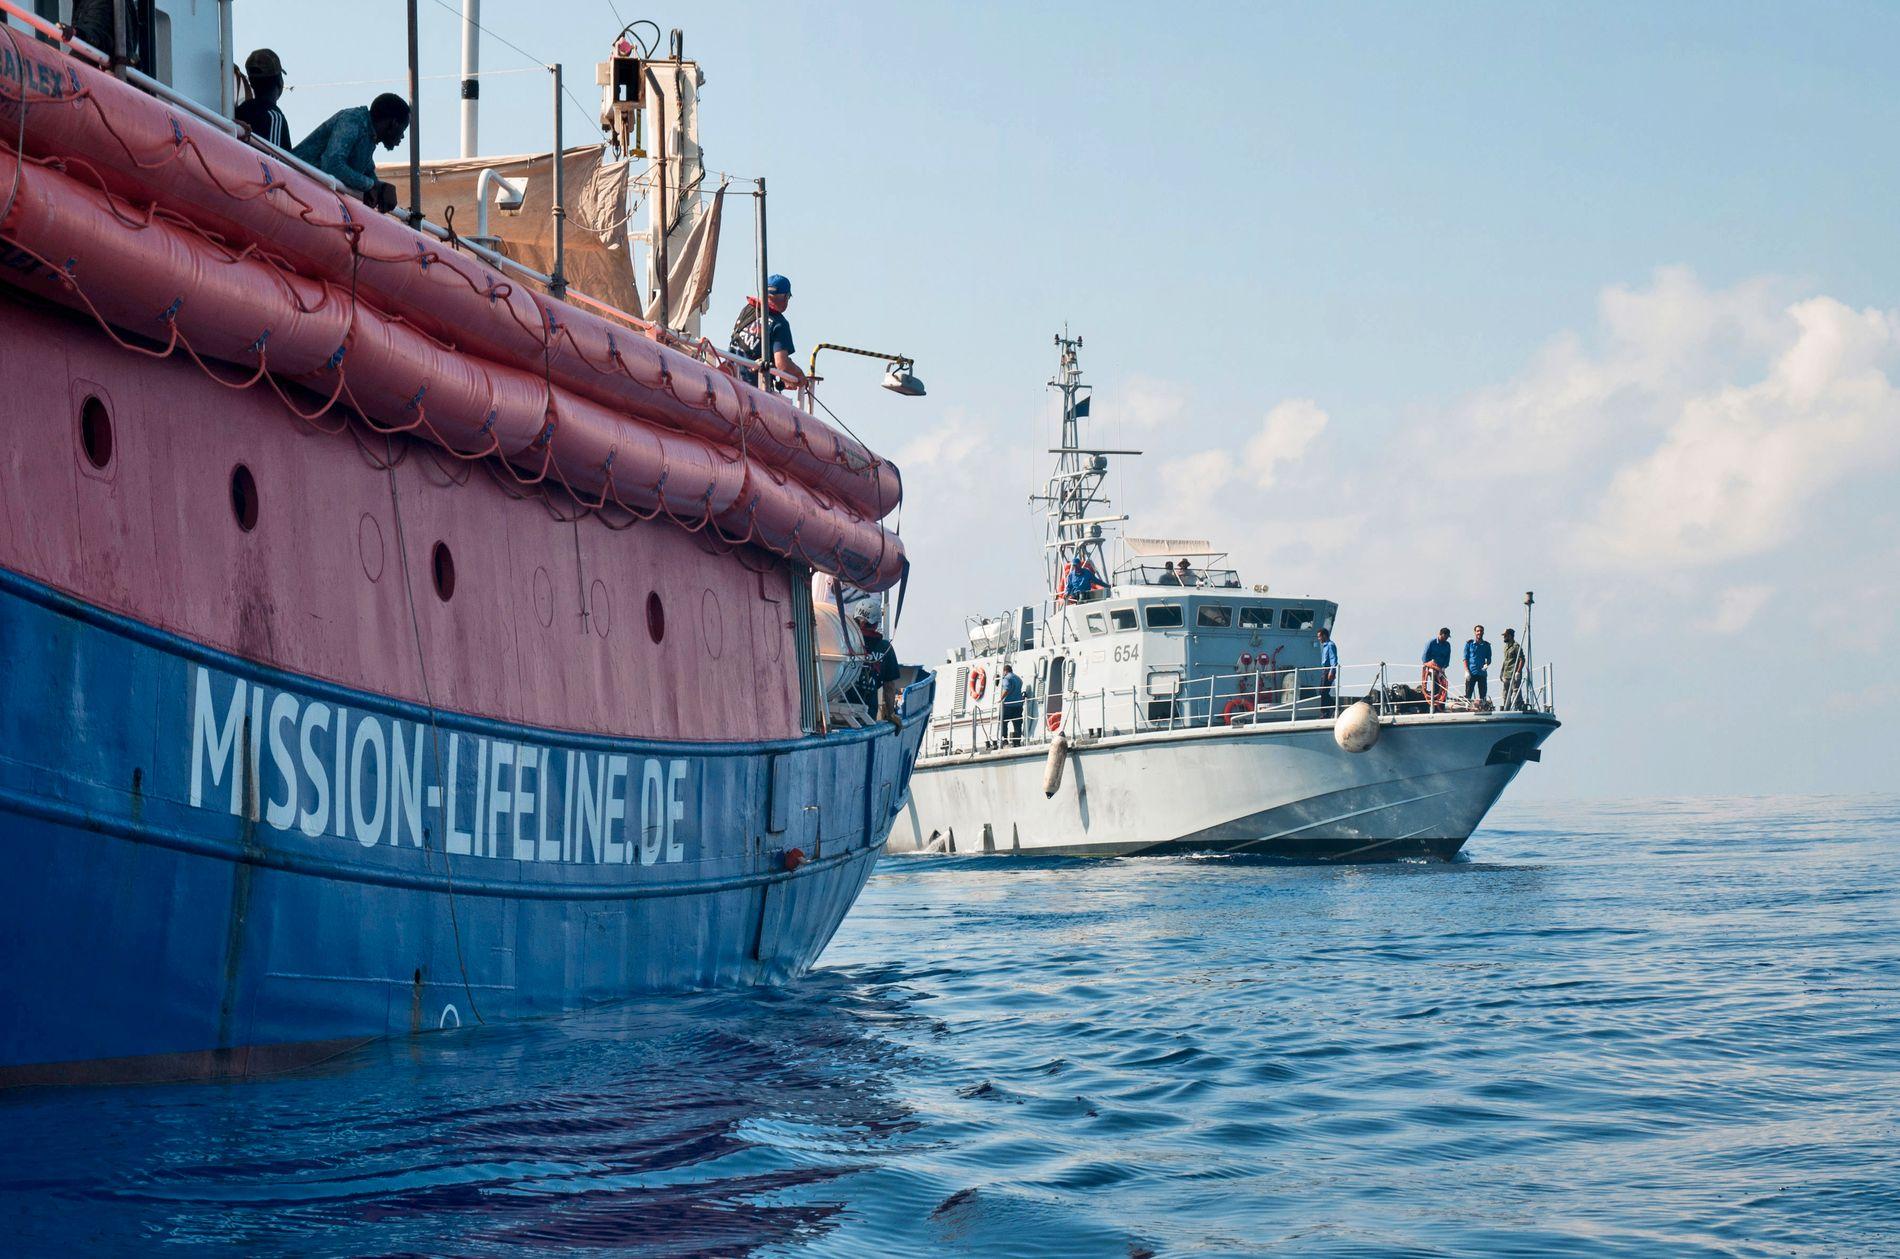 REDNINGSBÅT: Mens 16 stats- og regjeringssjefer fra EU søndag skal samles til et minitoppmøte om asyl og innvandring, driver redningsskipet Lifeline rundt utenfor Maltas kyst med over 200 om bord. Bildet ble tatt torsdag, da Italia nektet skipet å legge til kai.